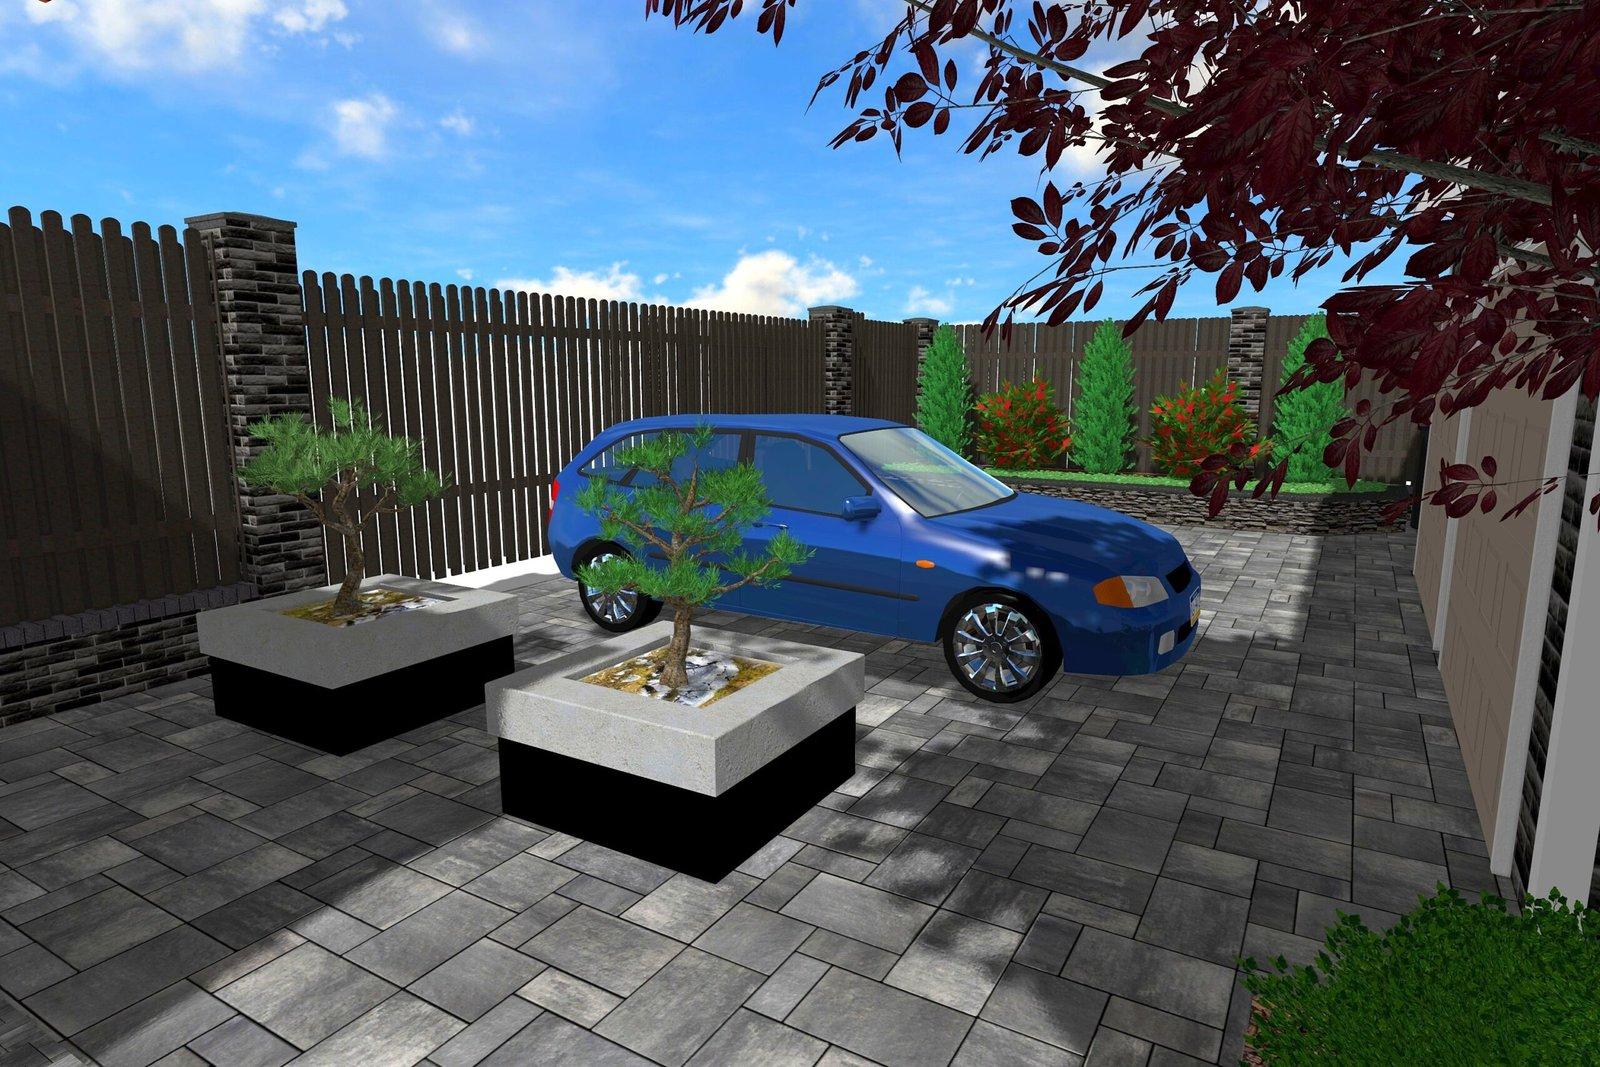 Проект парковки в саду Киев, проект мини сад Киев, проектирование парковок Киев, ландшафтный дизайн Киев